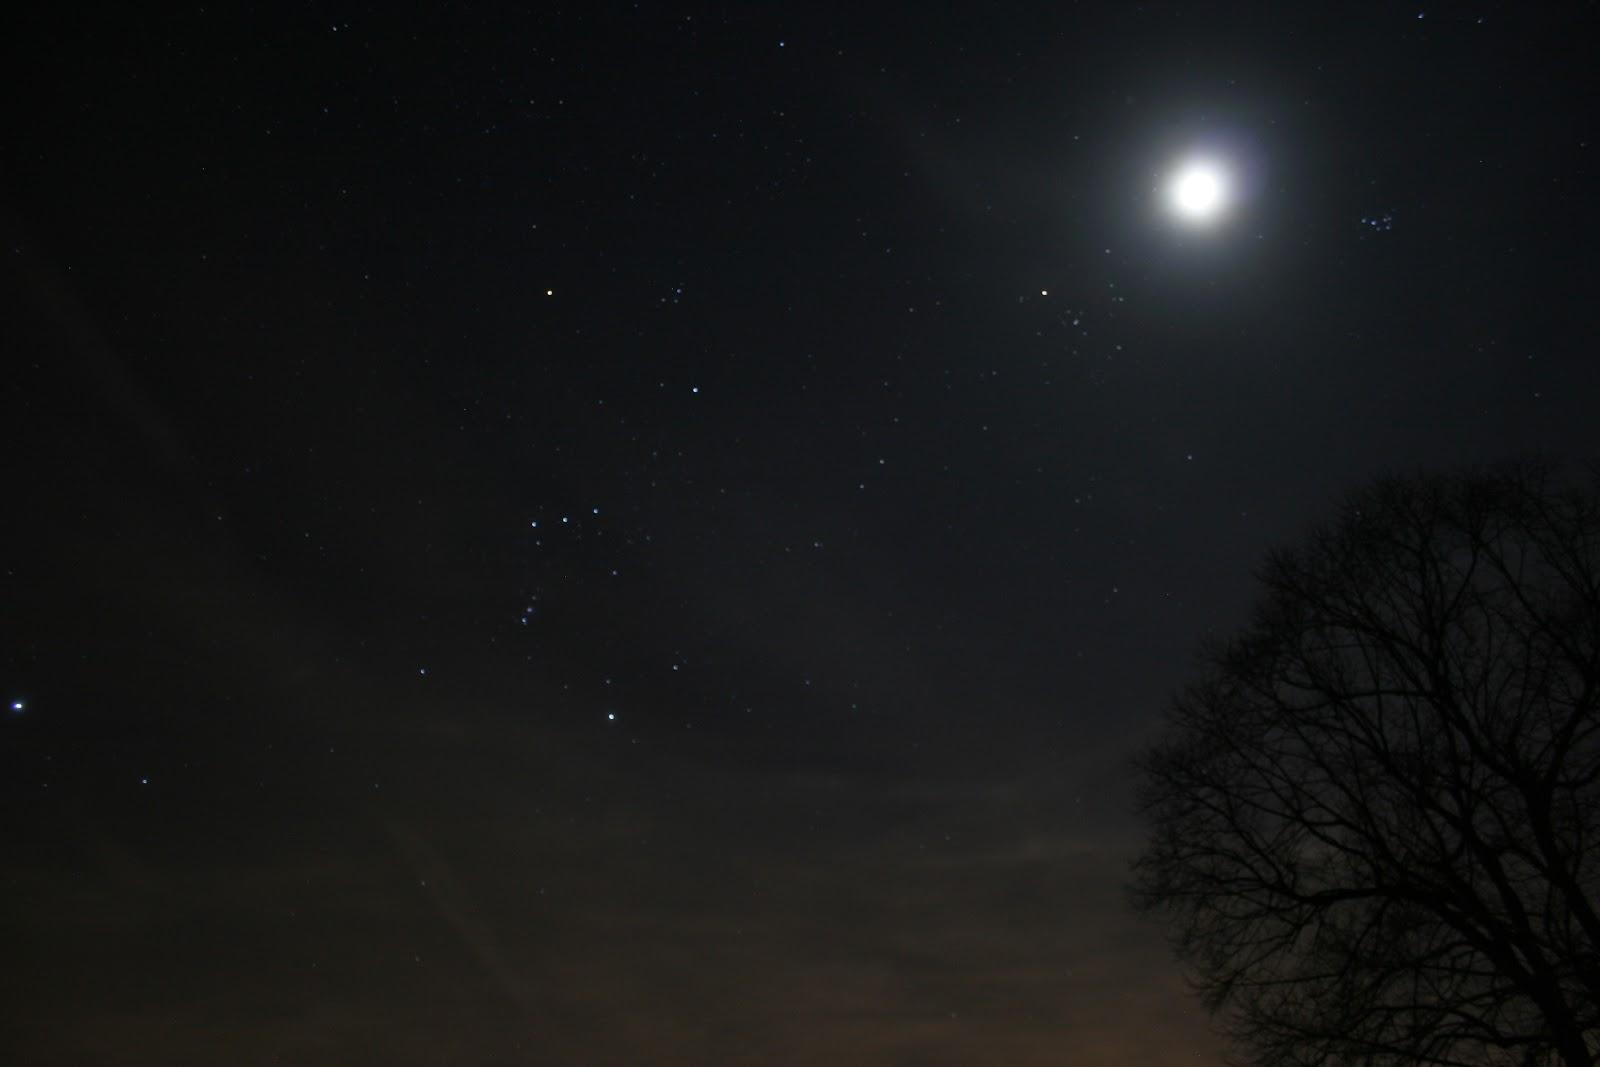 Orion, Taurs, Mặt Trăng và Pleiades. Tác giả : Brigitte Bailleul.